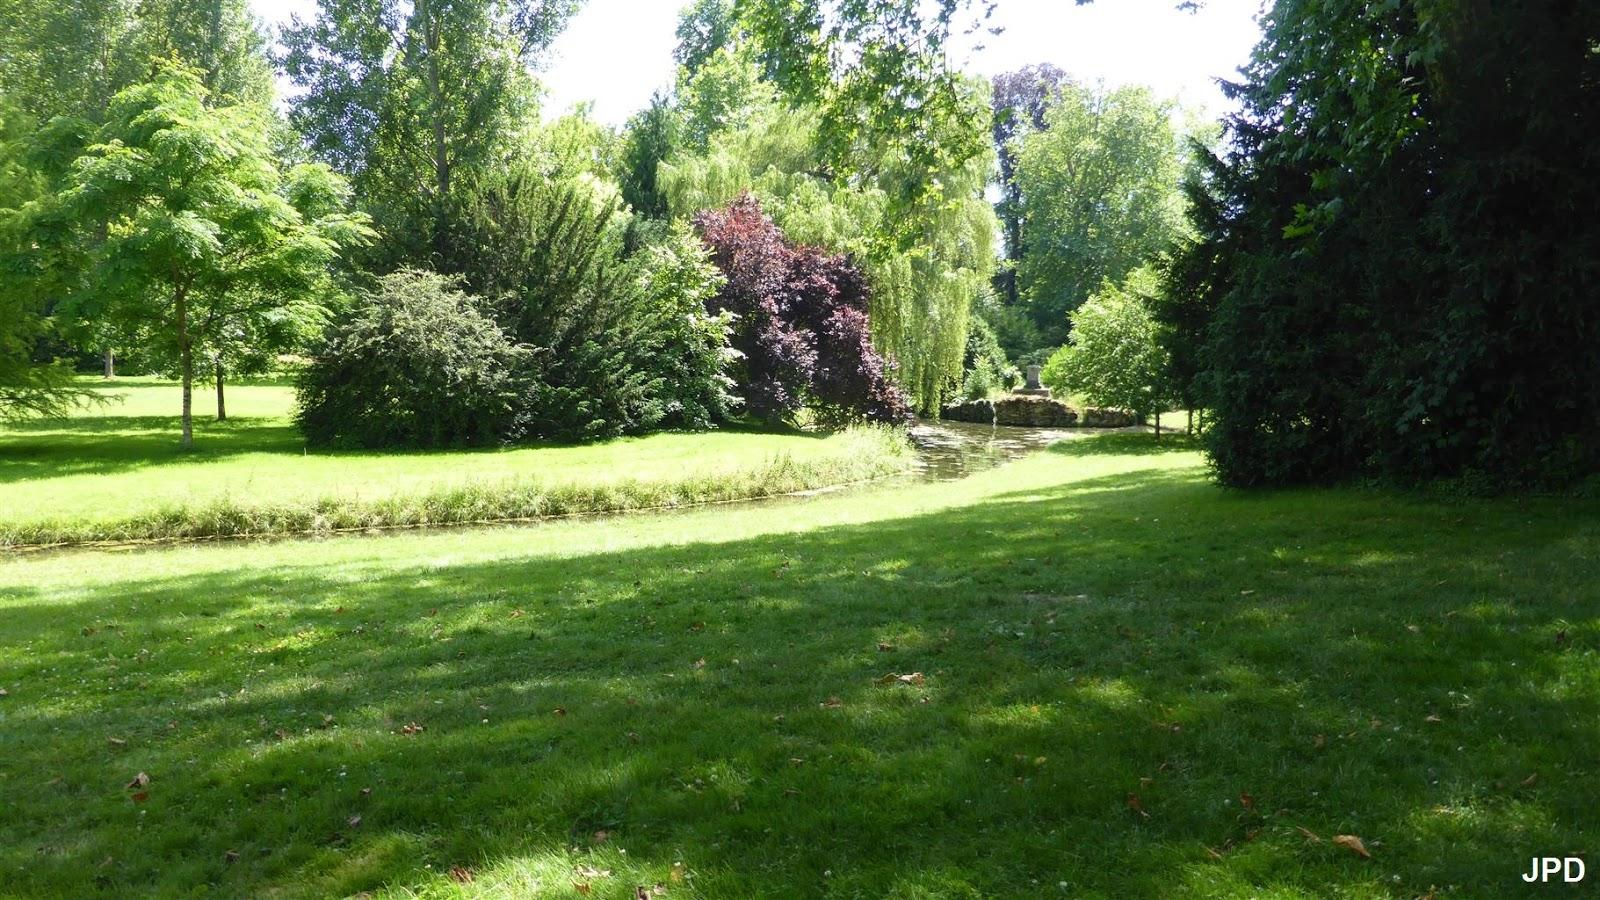 Paris bise art ch teau de fontainebleau 11 le jardin for Jardin anglais chateau fontainebleau